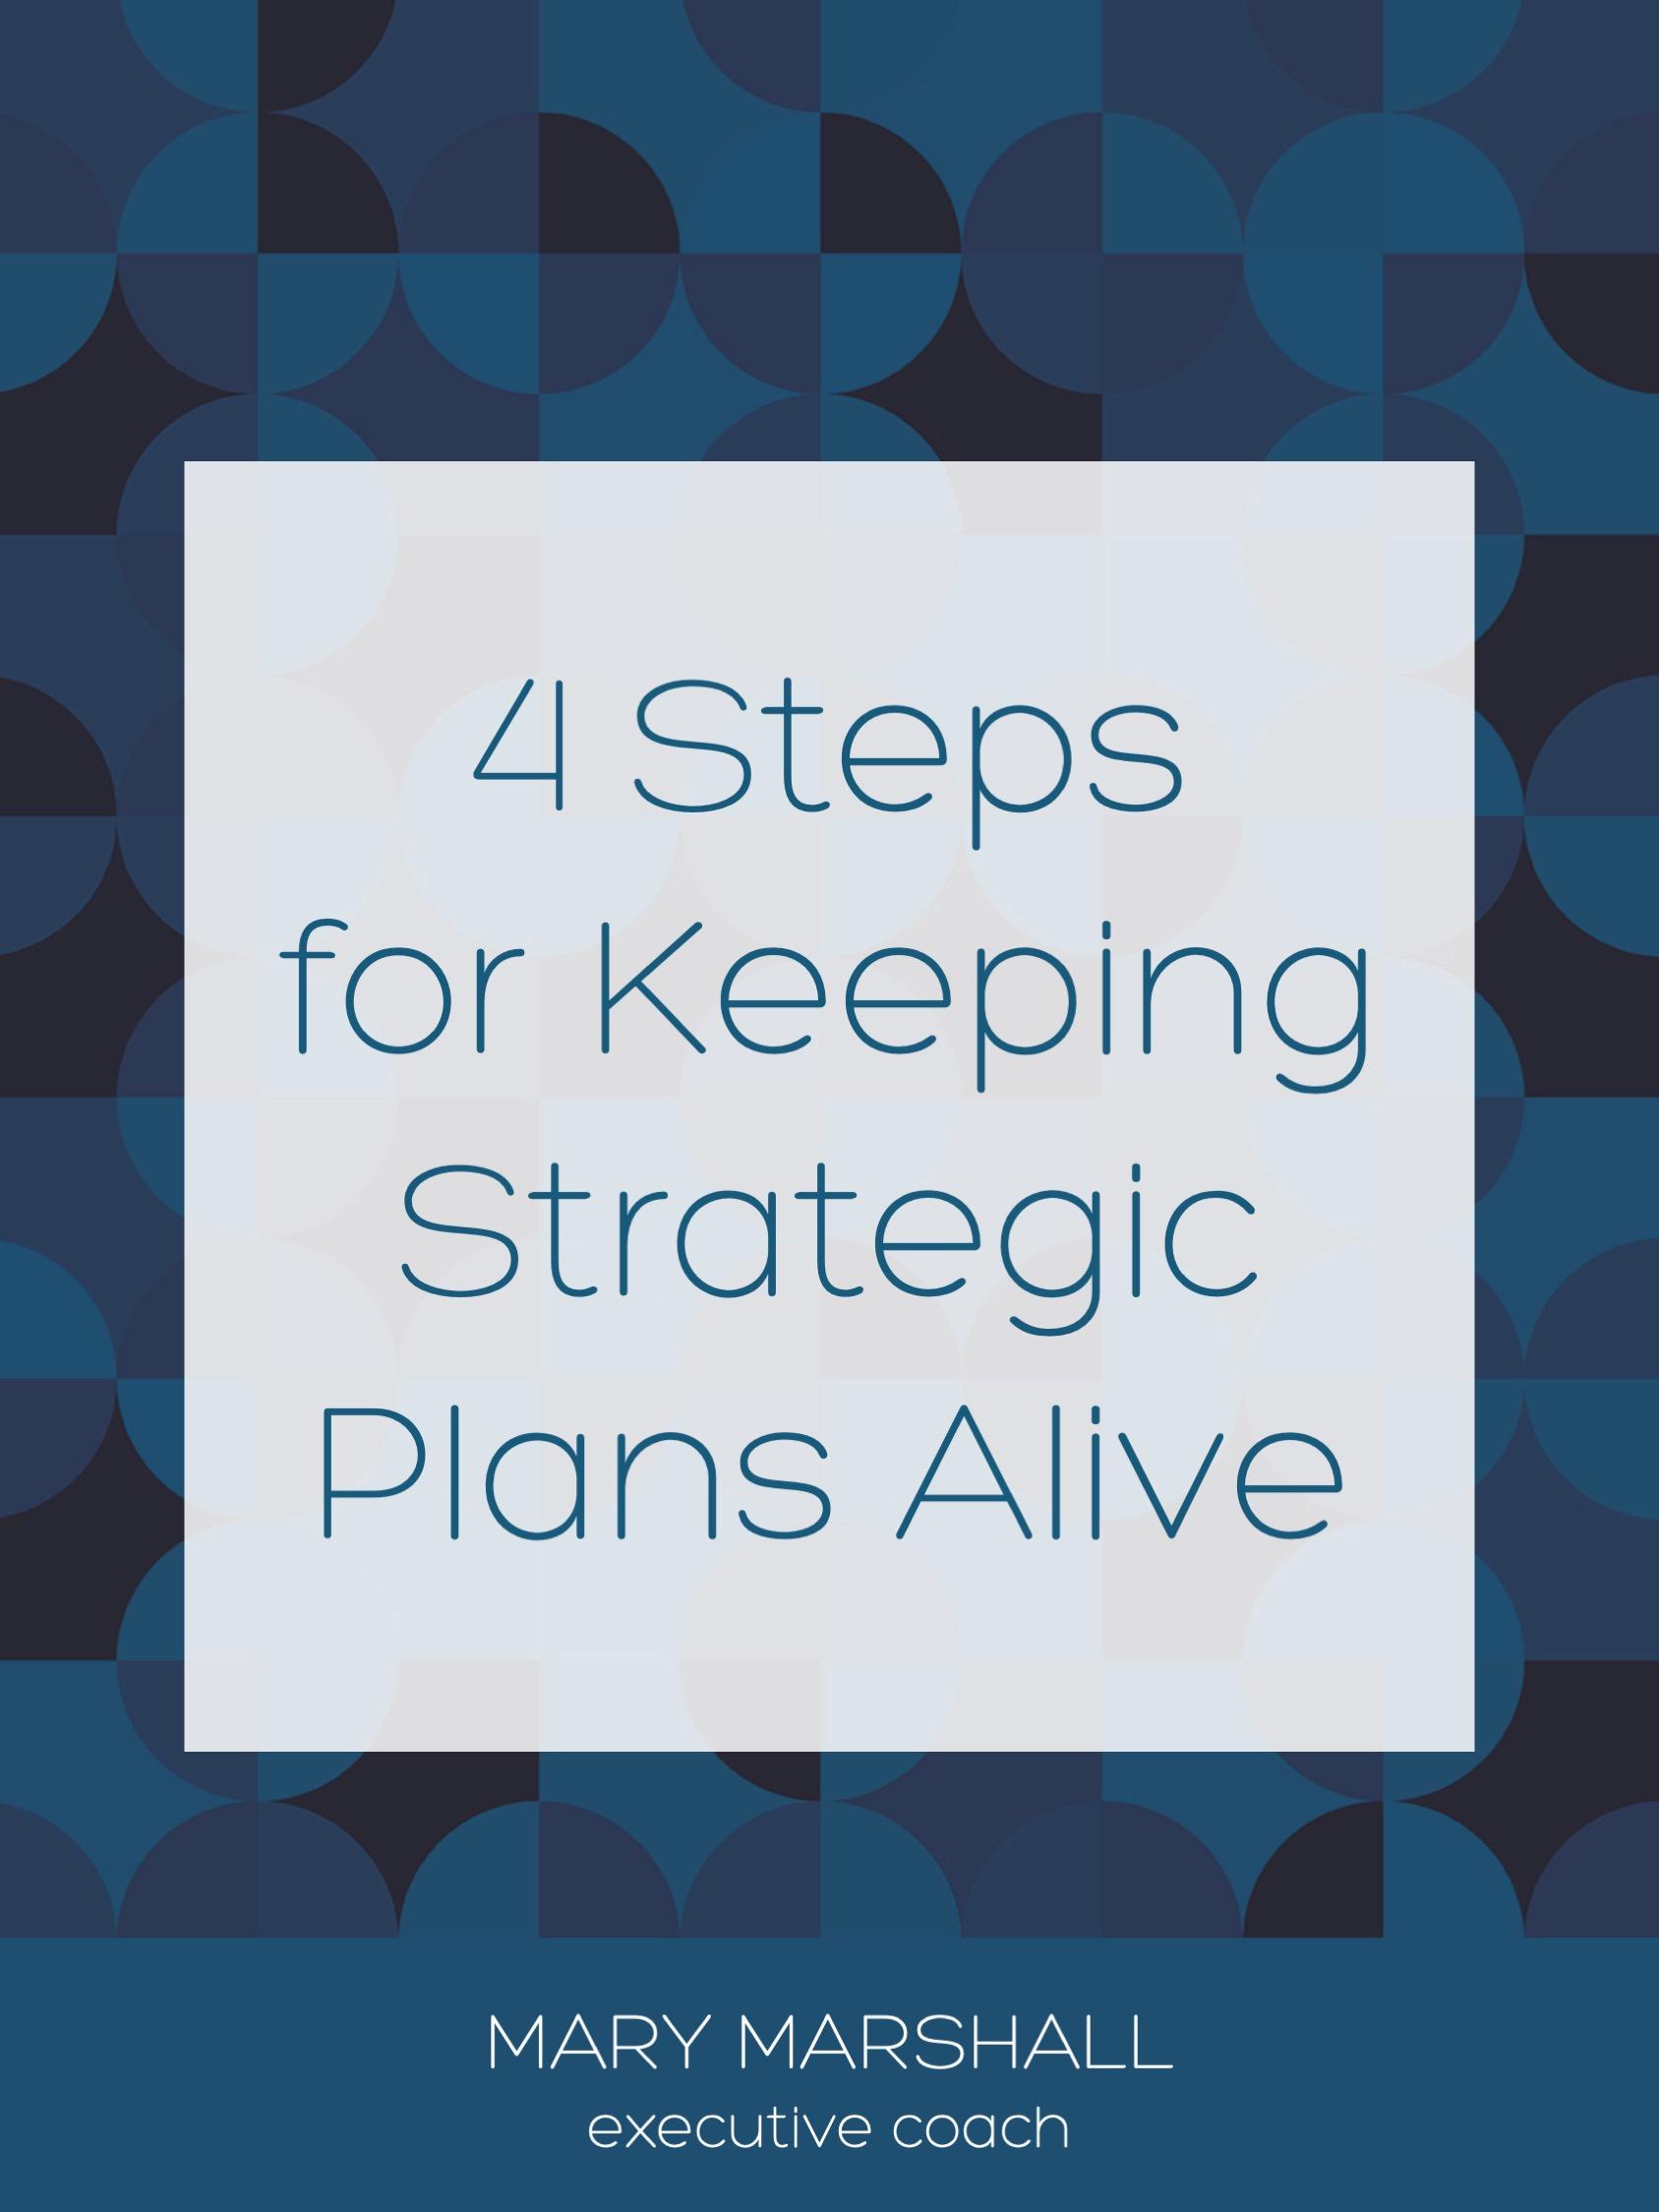 4 Steps for Keeping Strategic Plans Alive